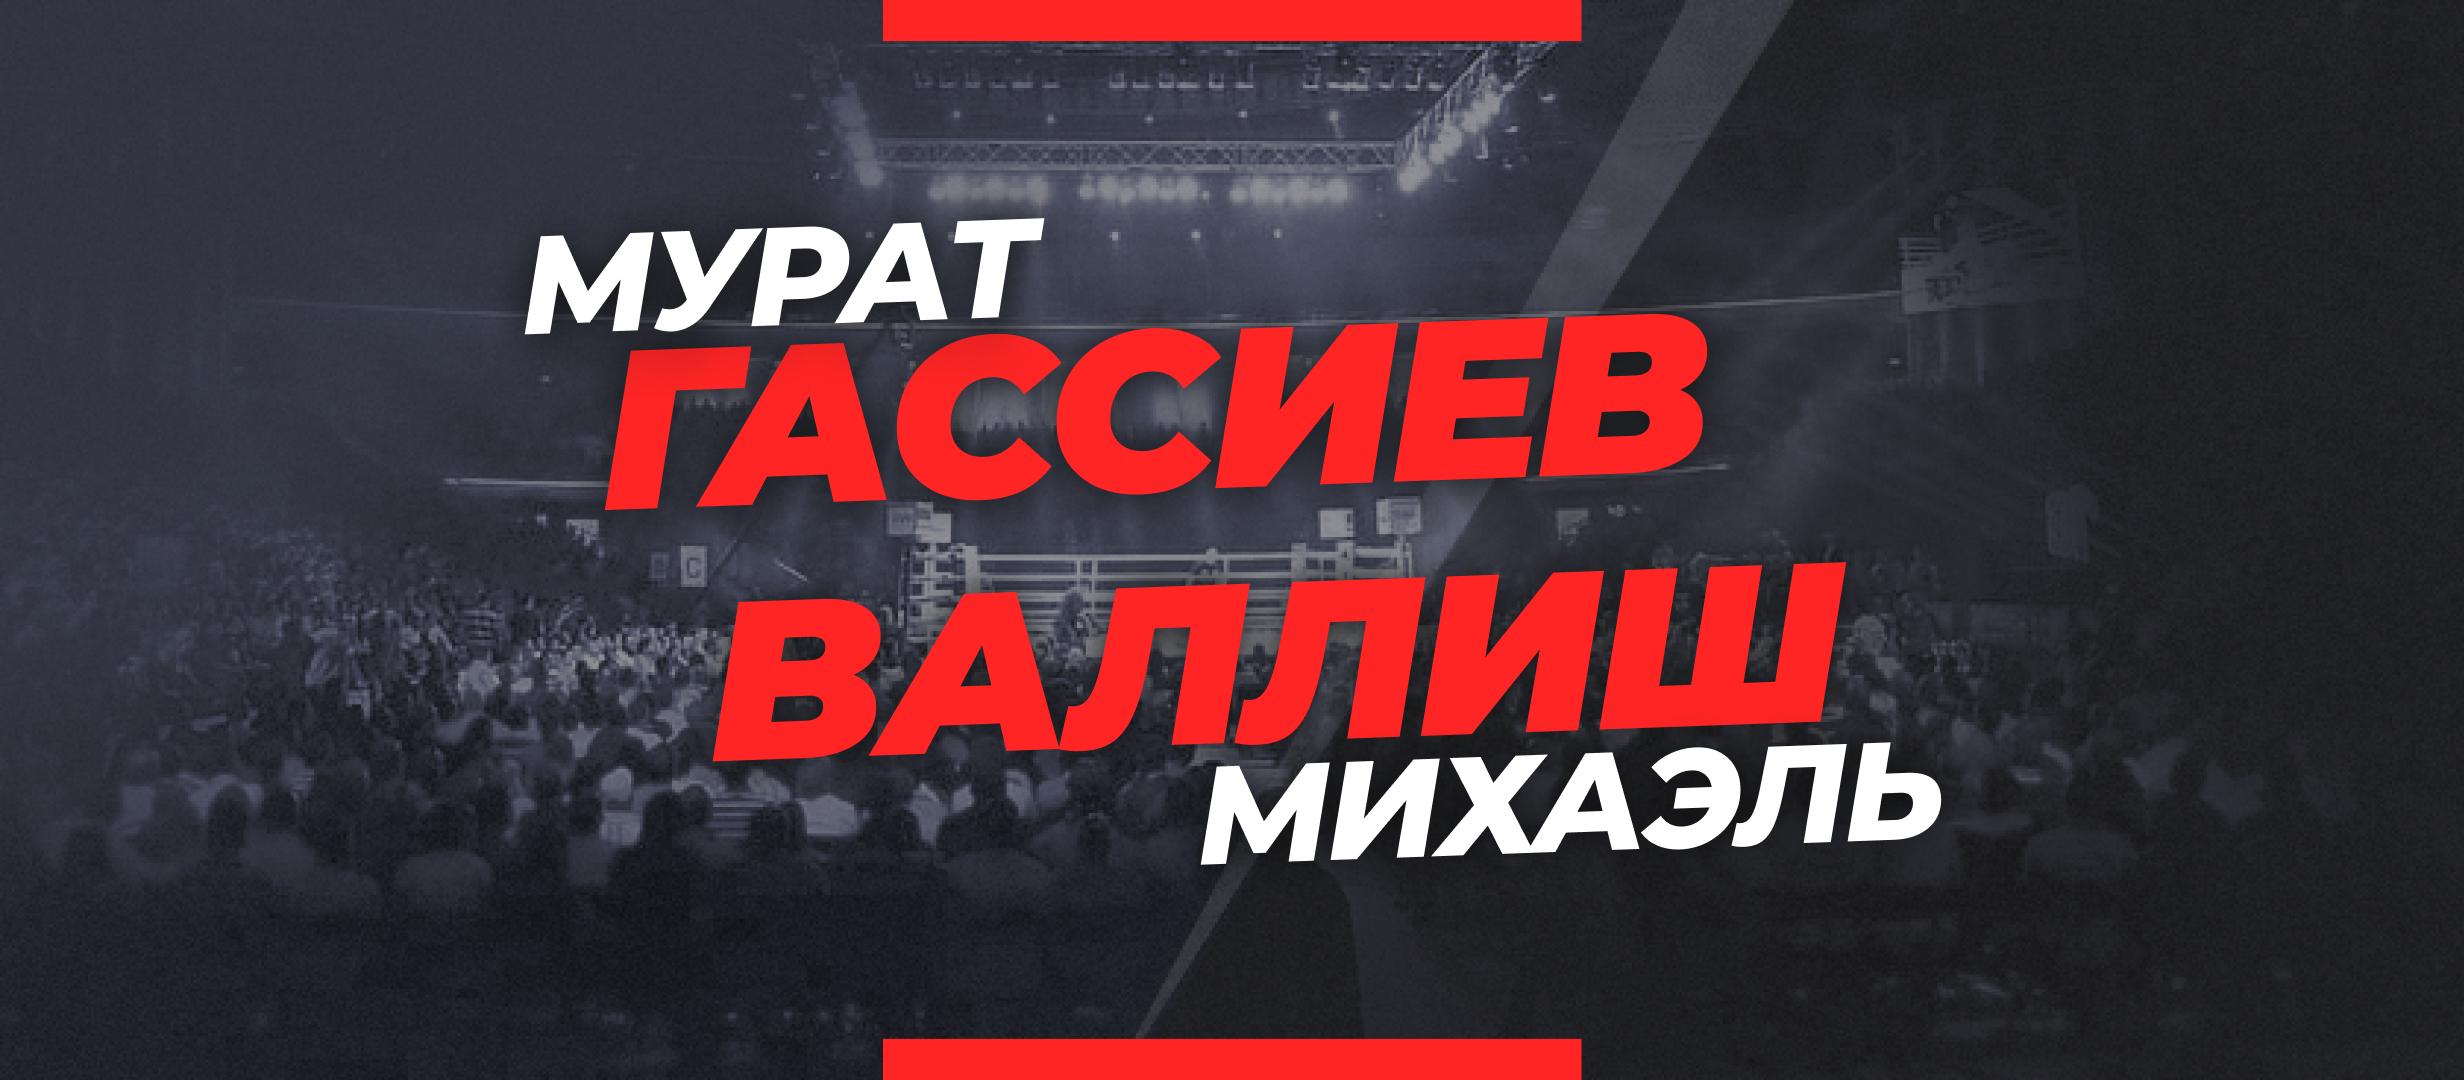 Гассиев – Валлиш: ставки и коэффициенты на бой